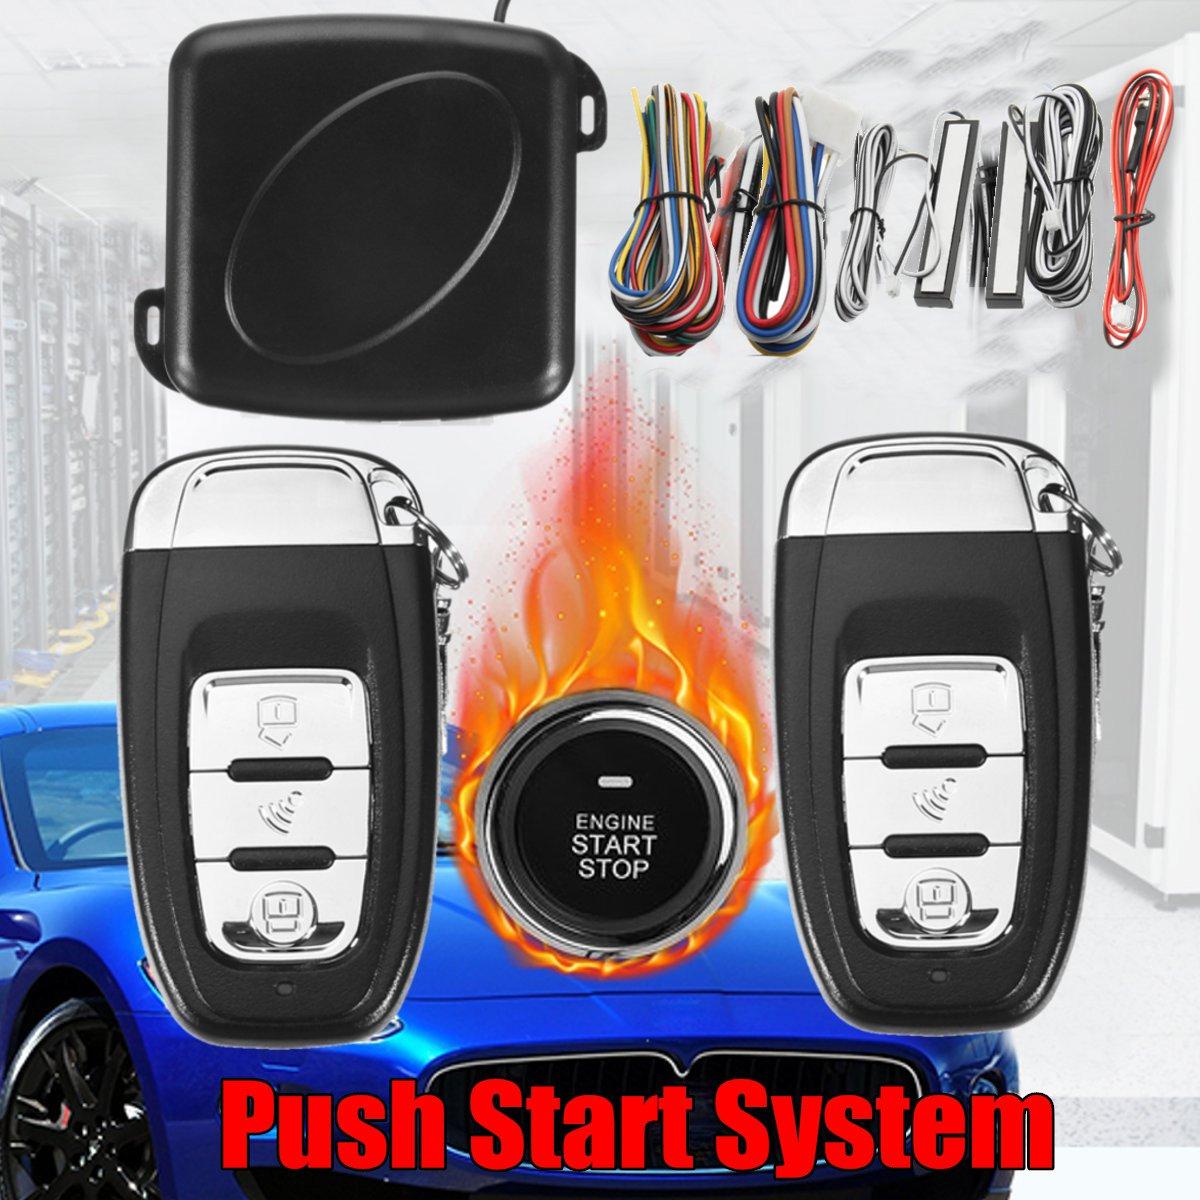 9 pcs SUV De Voiture Alarme, start Stop Système D'alarme, Alarme de Voiture de Contrôle à distance, start Stop Bouton Avec Interrupteur Automatique du Capteur Fonction